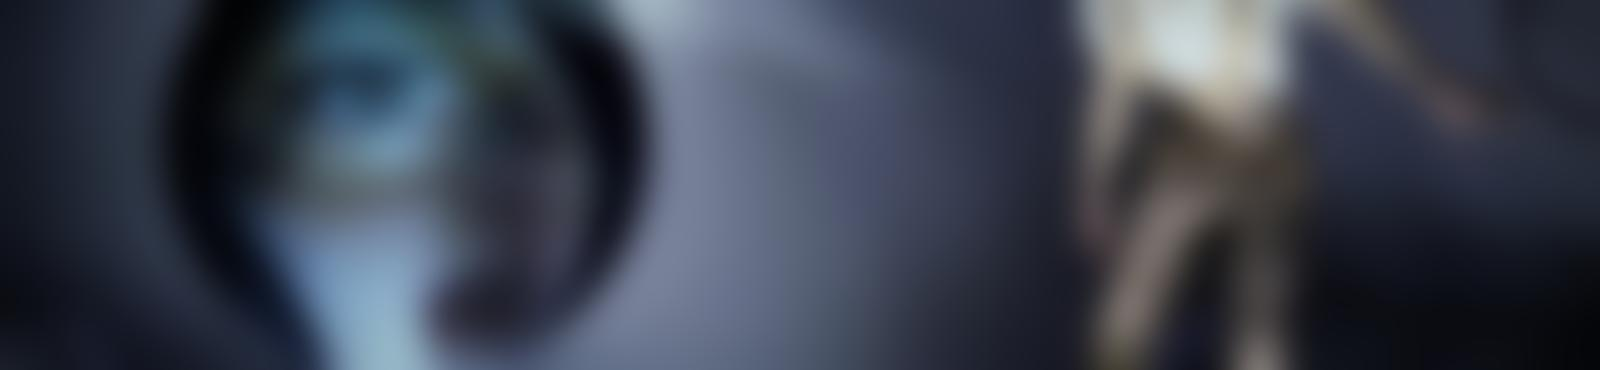 Blurred 6de0c968 ecf1 4464 a8da 9171bd765c40